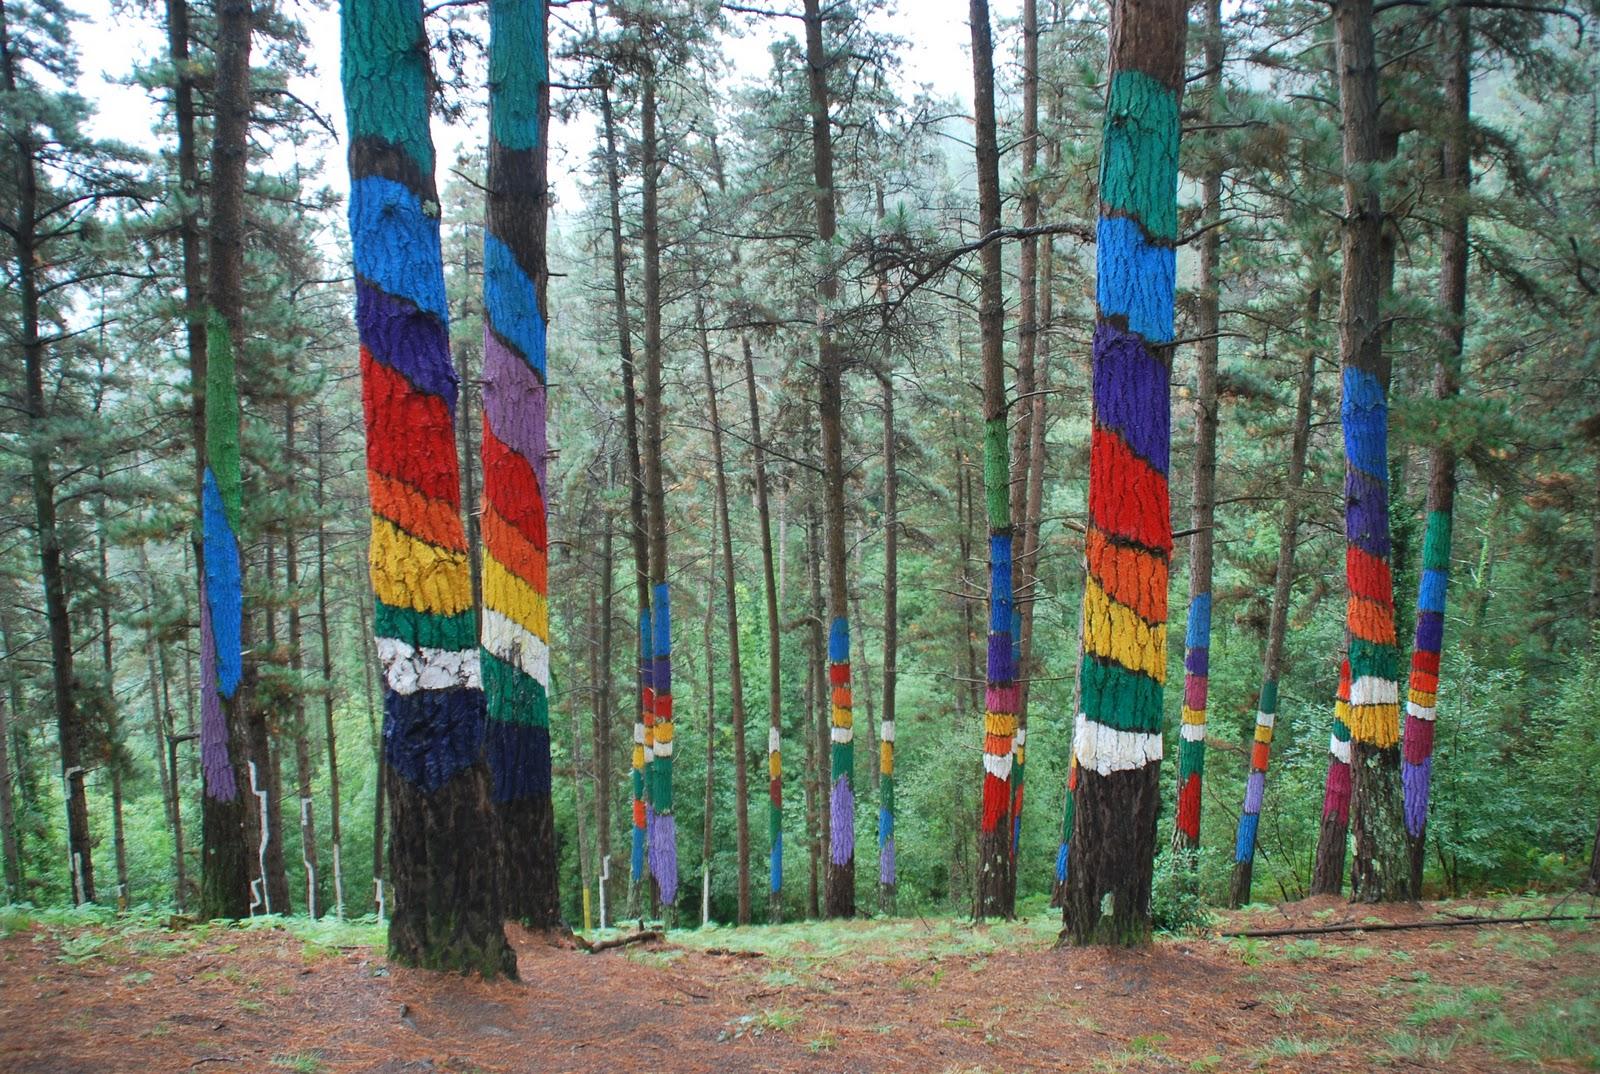 Con el mundo en la mochila bosque de oma kortezubi - Arboles pais vasco ...